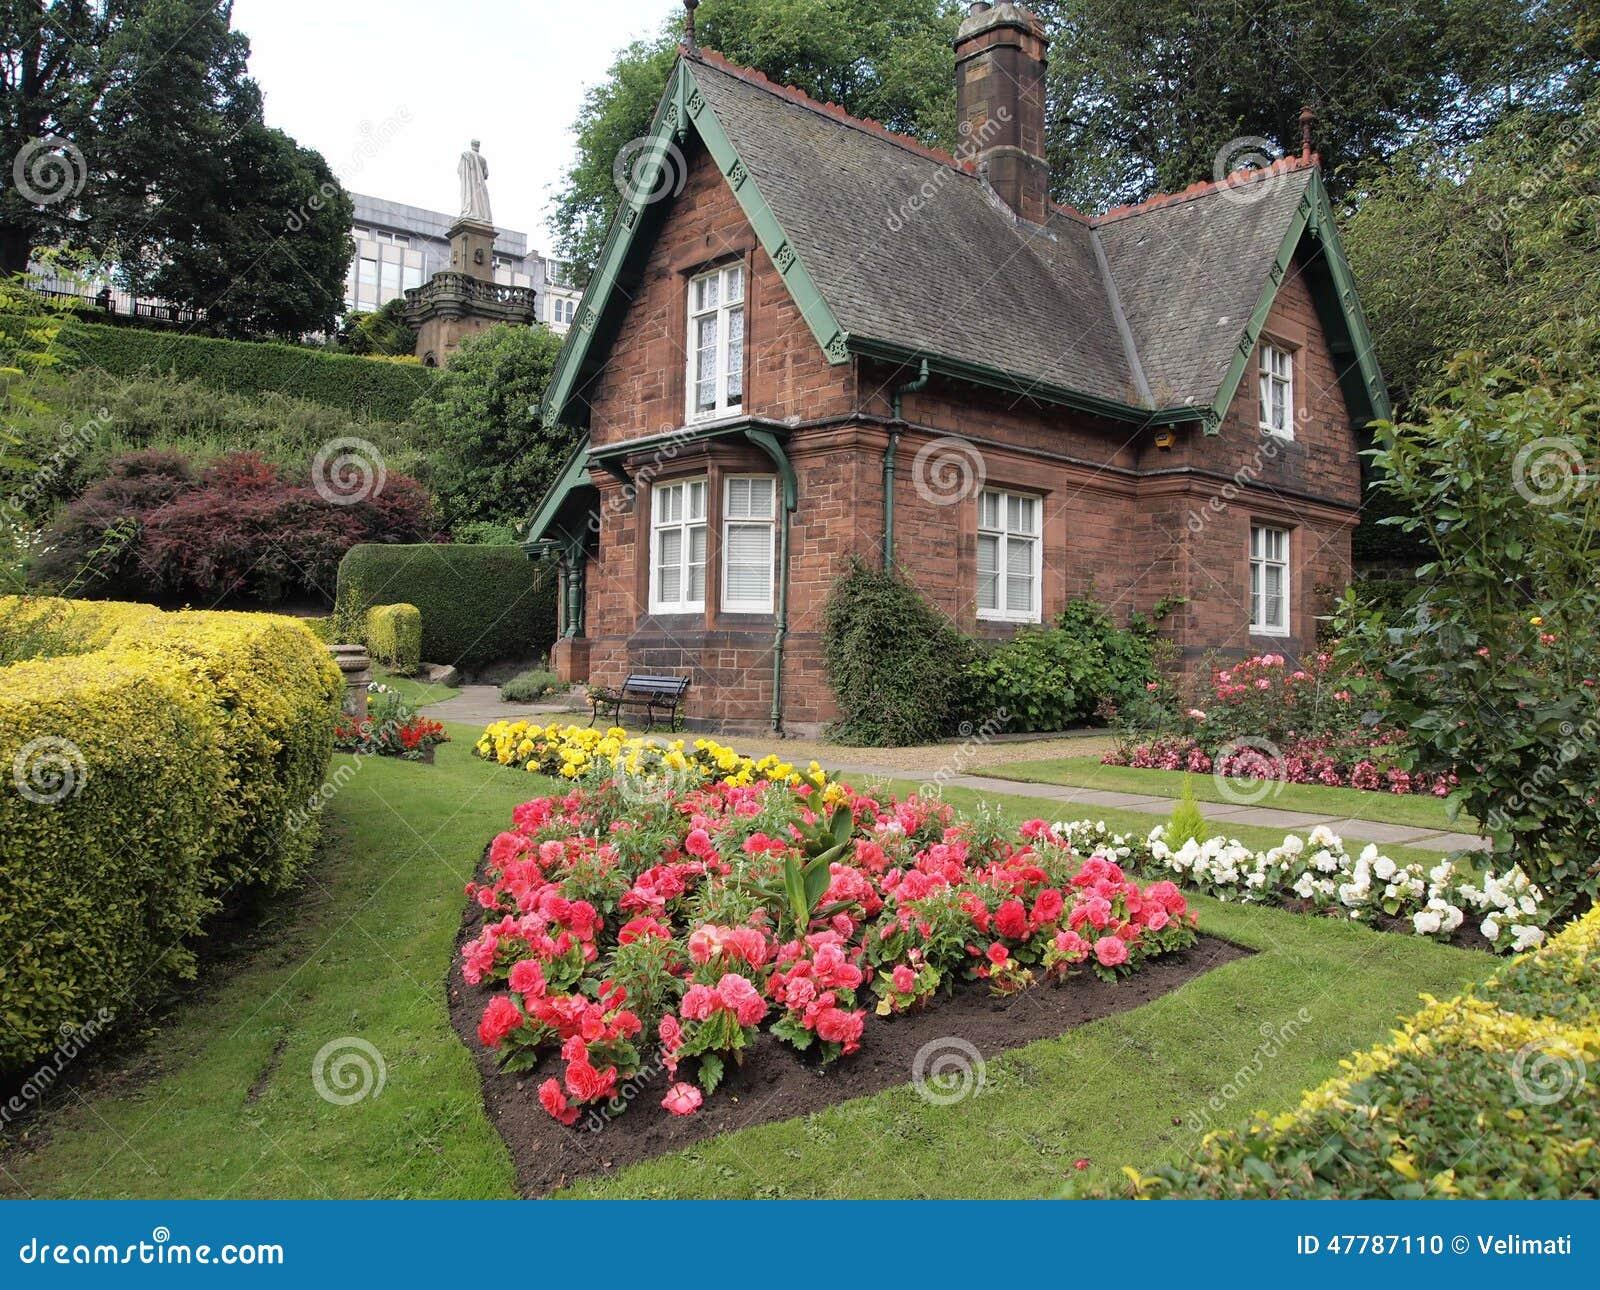 Petite maison dans le jardin photo stock image 47787110 - Petit jardin maison ...